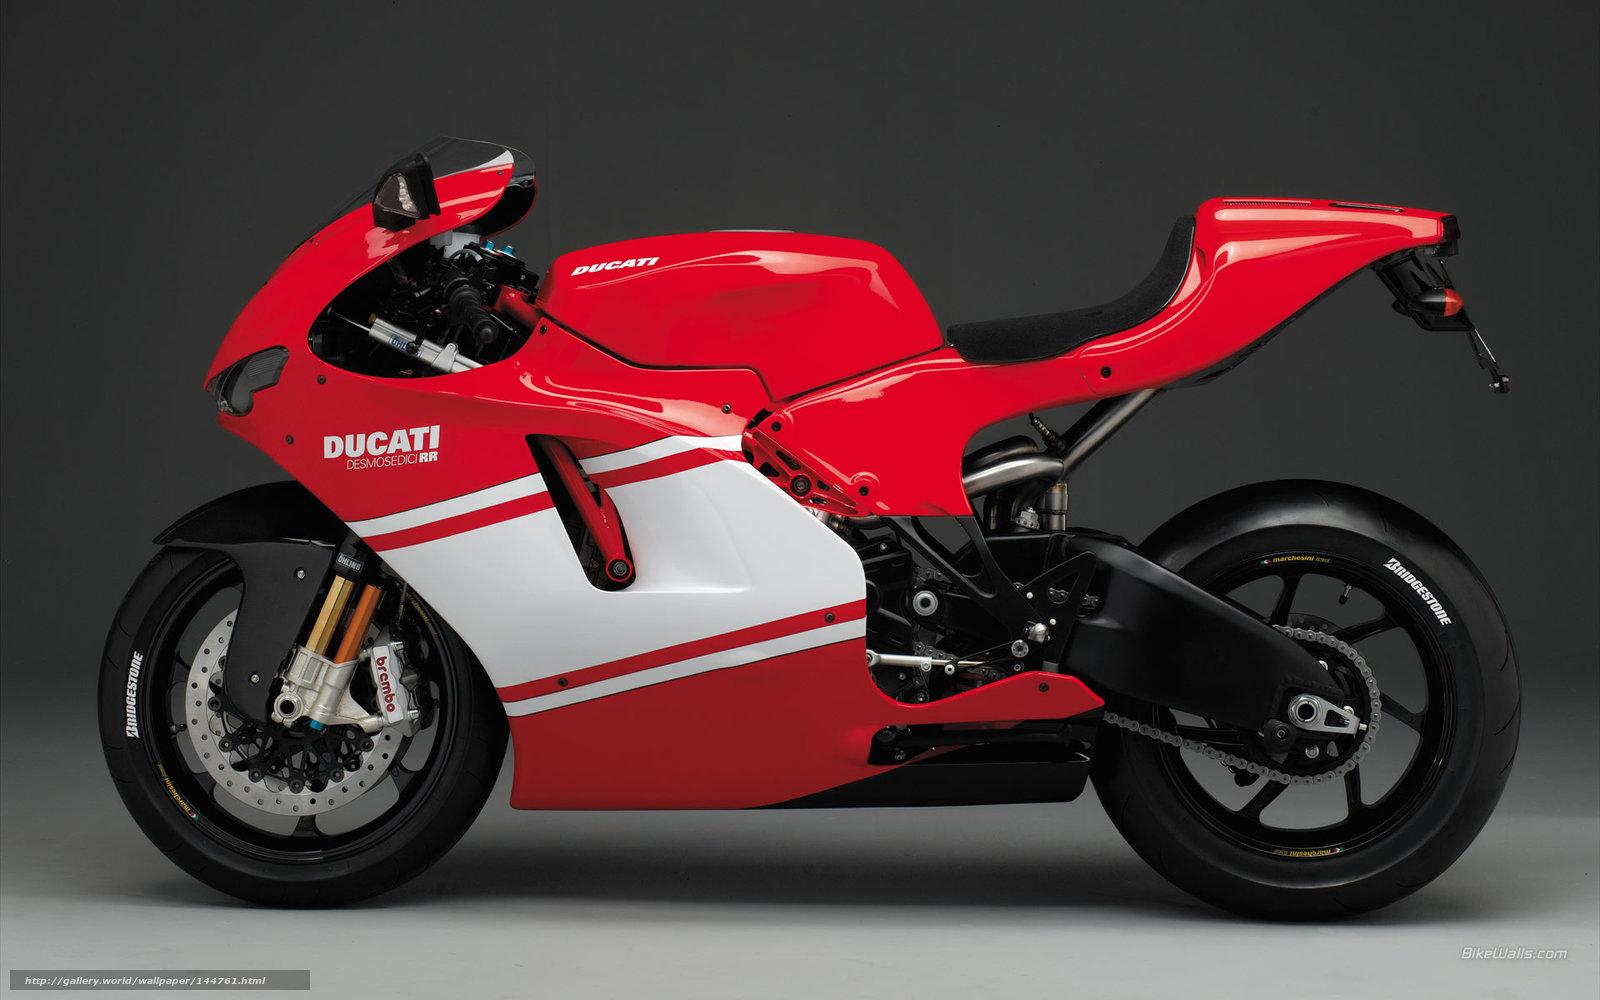 Скачать обои Ducati,  Superbike,  Desmosedici RR,  Desmosedici RR 2006 бесплатно для рабочего стола в разрешении 1920x1200 — картинка №144761